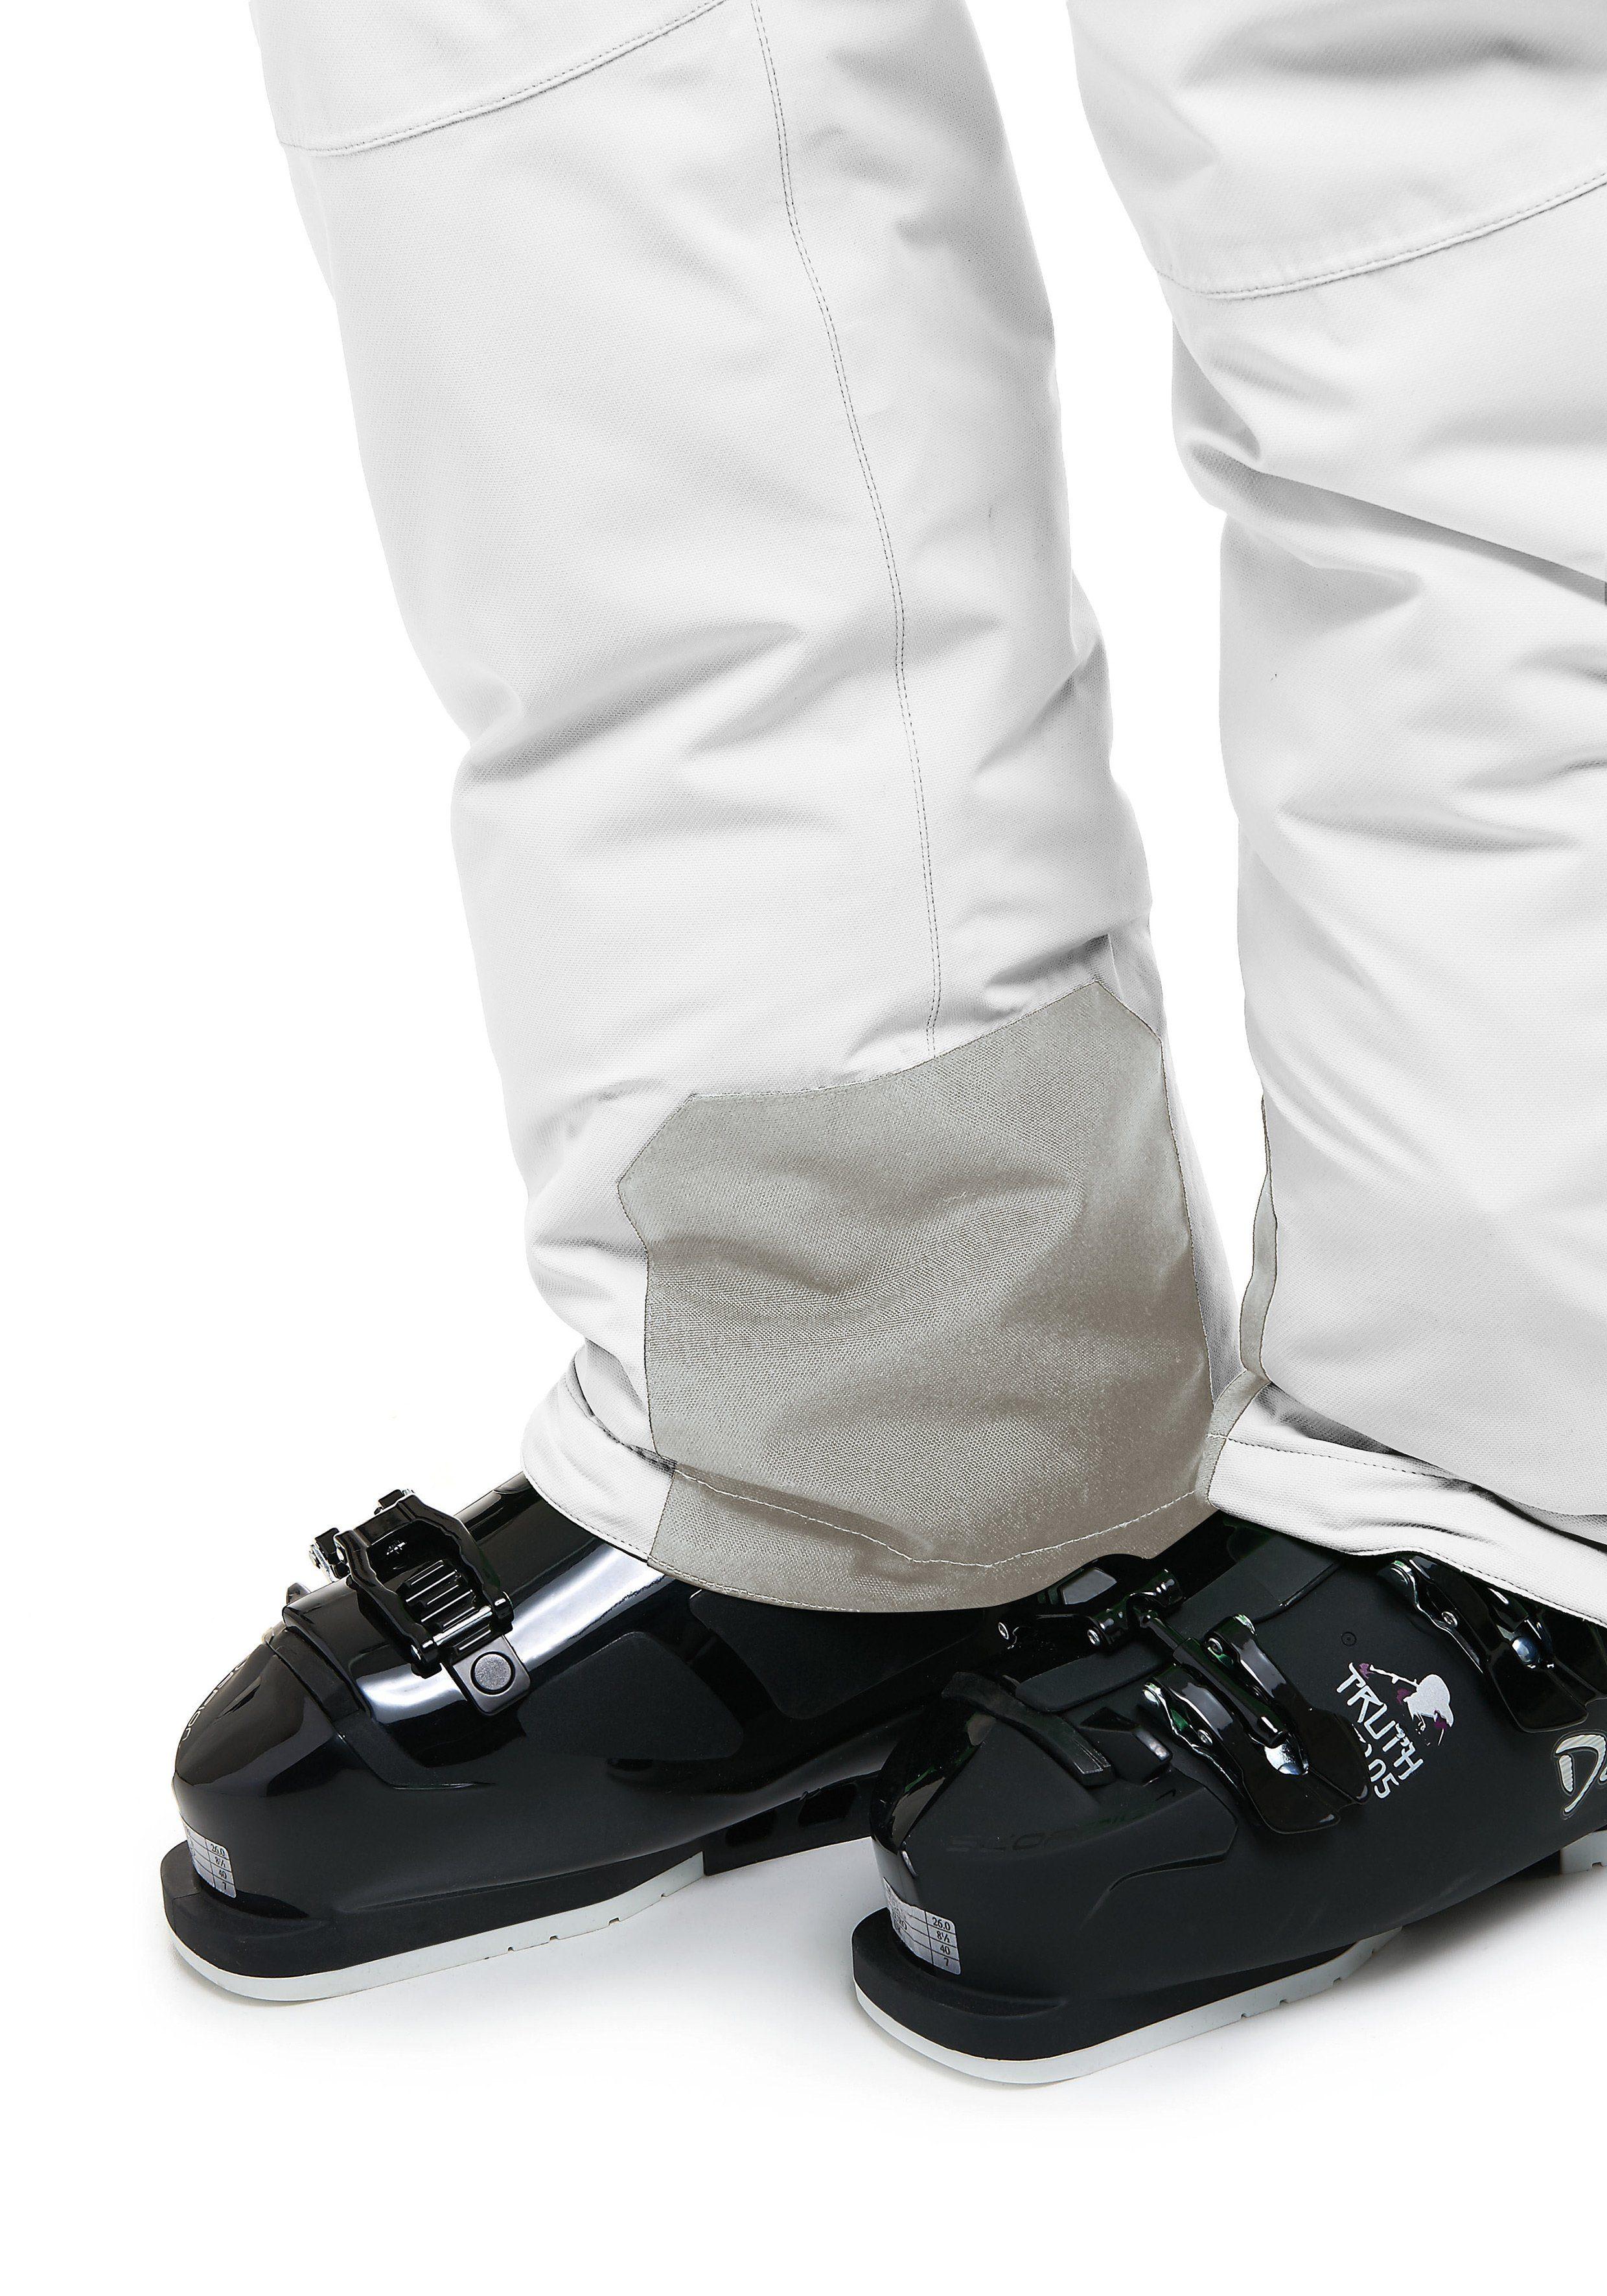 Sports Kaufen Skihose WasserUnd »celerina« Maier Online Winddicht 5AR4Lj